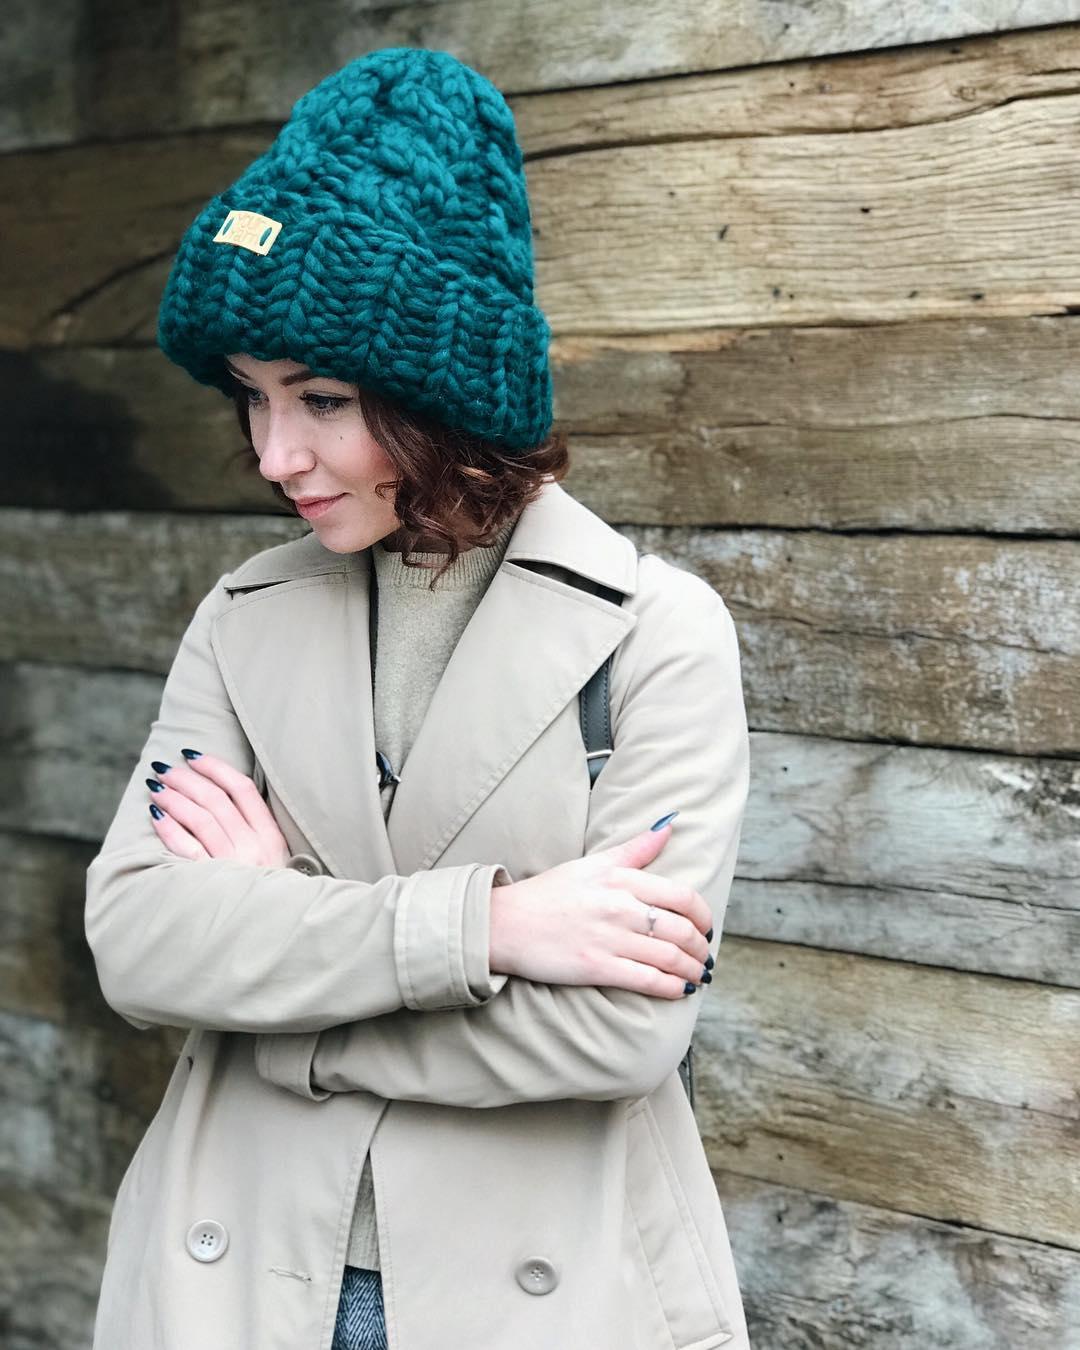 вязаные модные шапки 2017 2018 выбираем актуальные модели